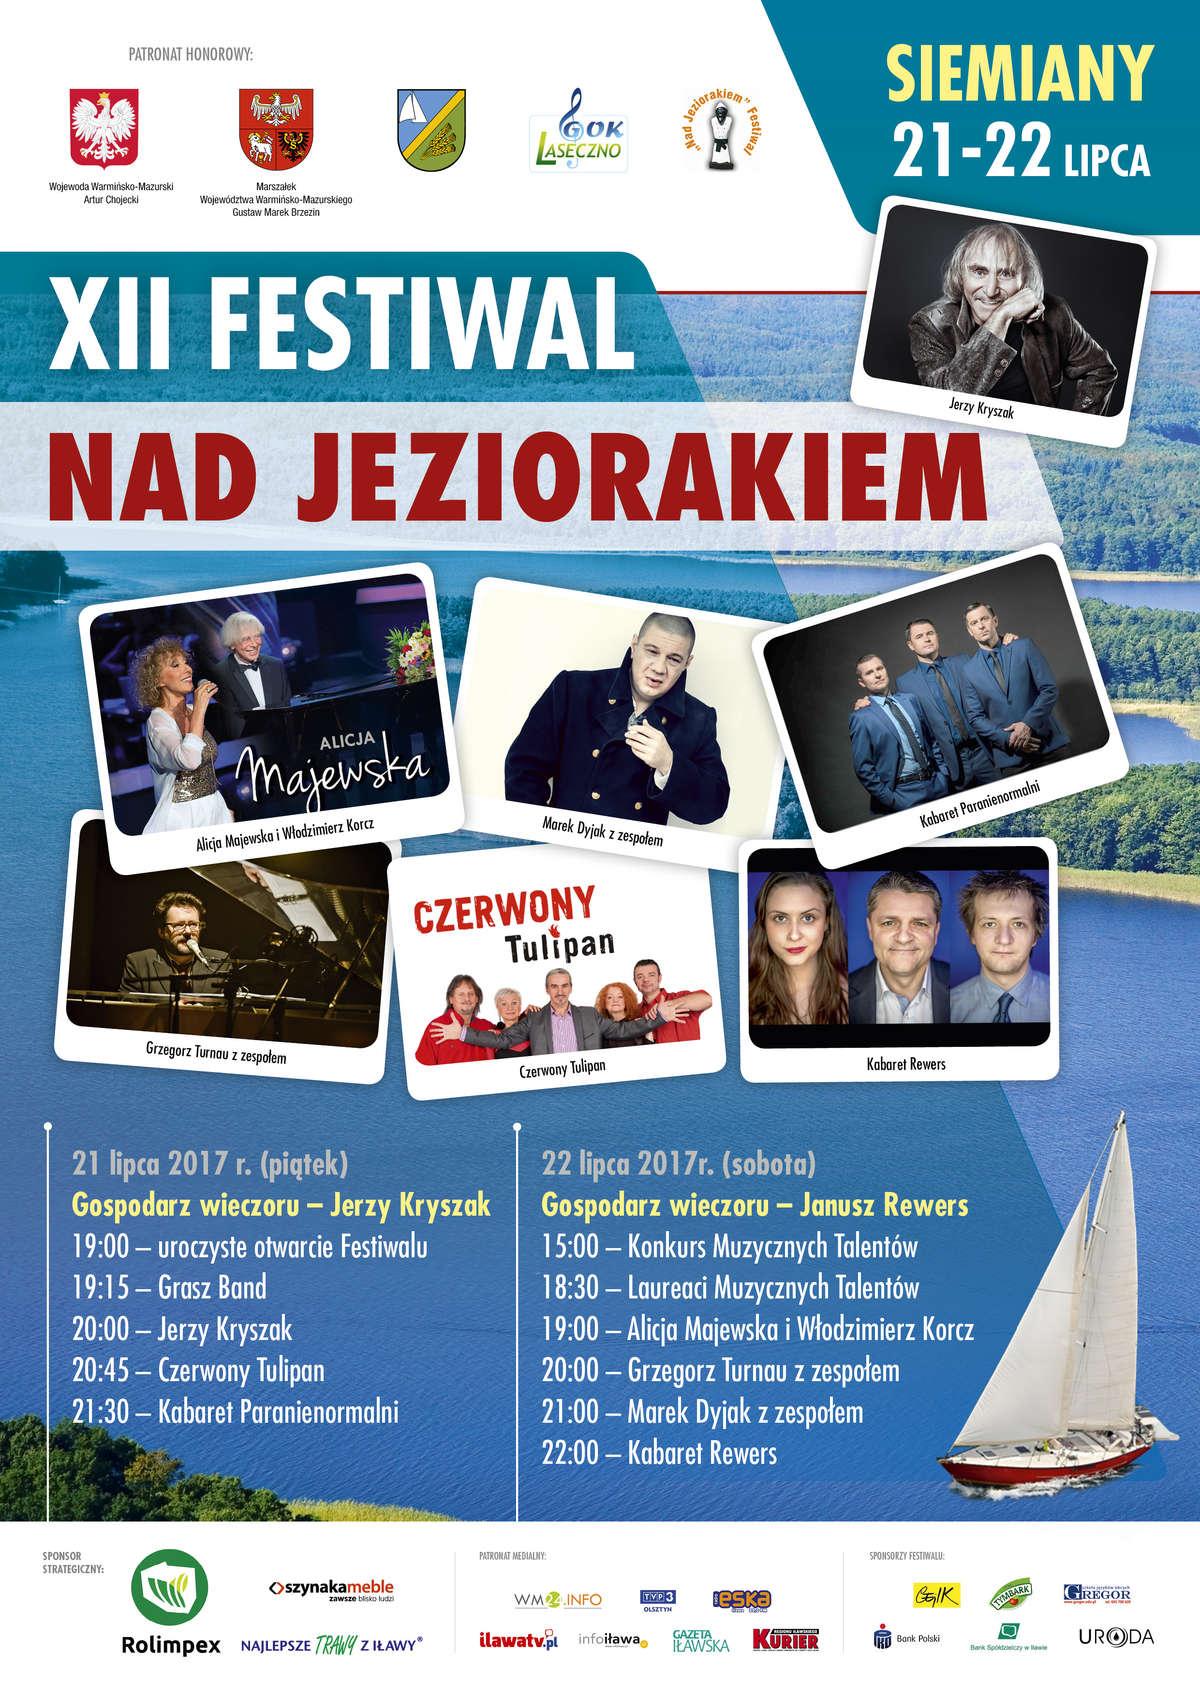 XII Festiwal nad Jeziorakiem w Siemianach - full image